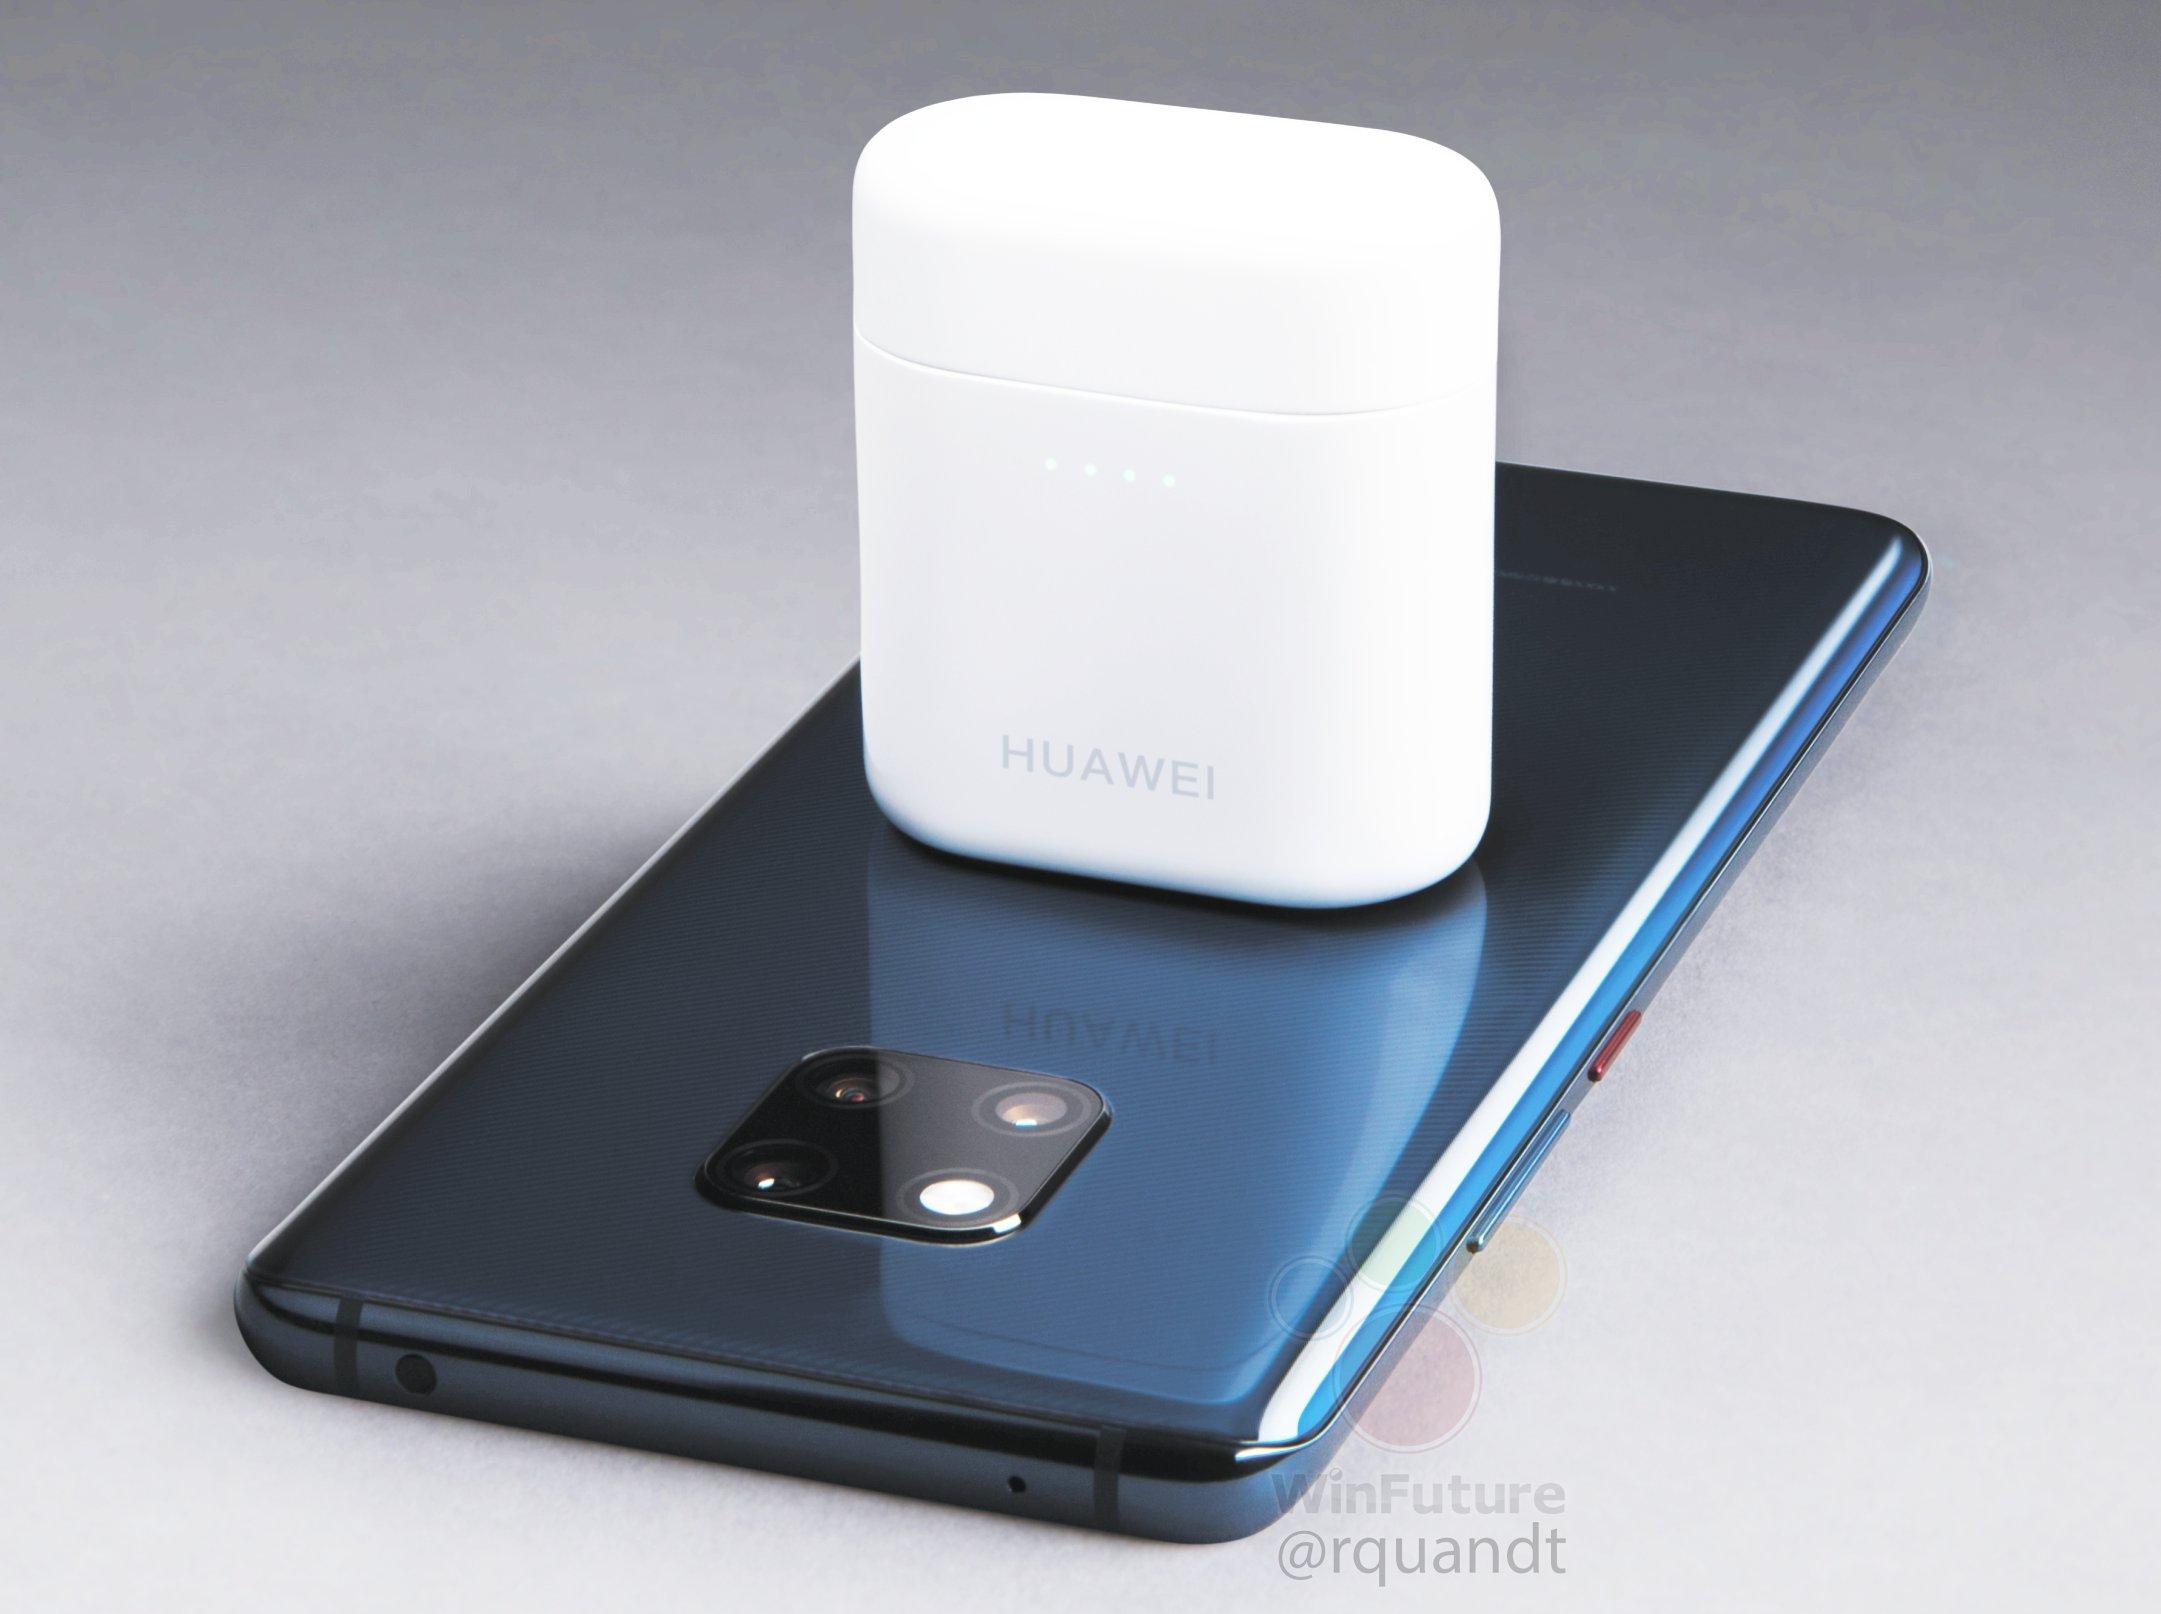 Tech'spresso : Realme à la conquête du monde, Android Pie sur le OnePlus 6 et des photos du Huawei Mate 20 Pro